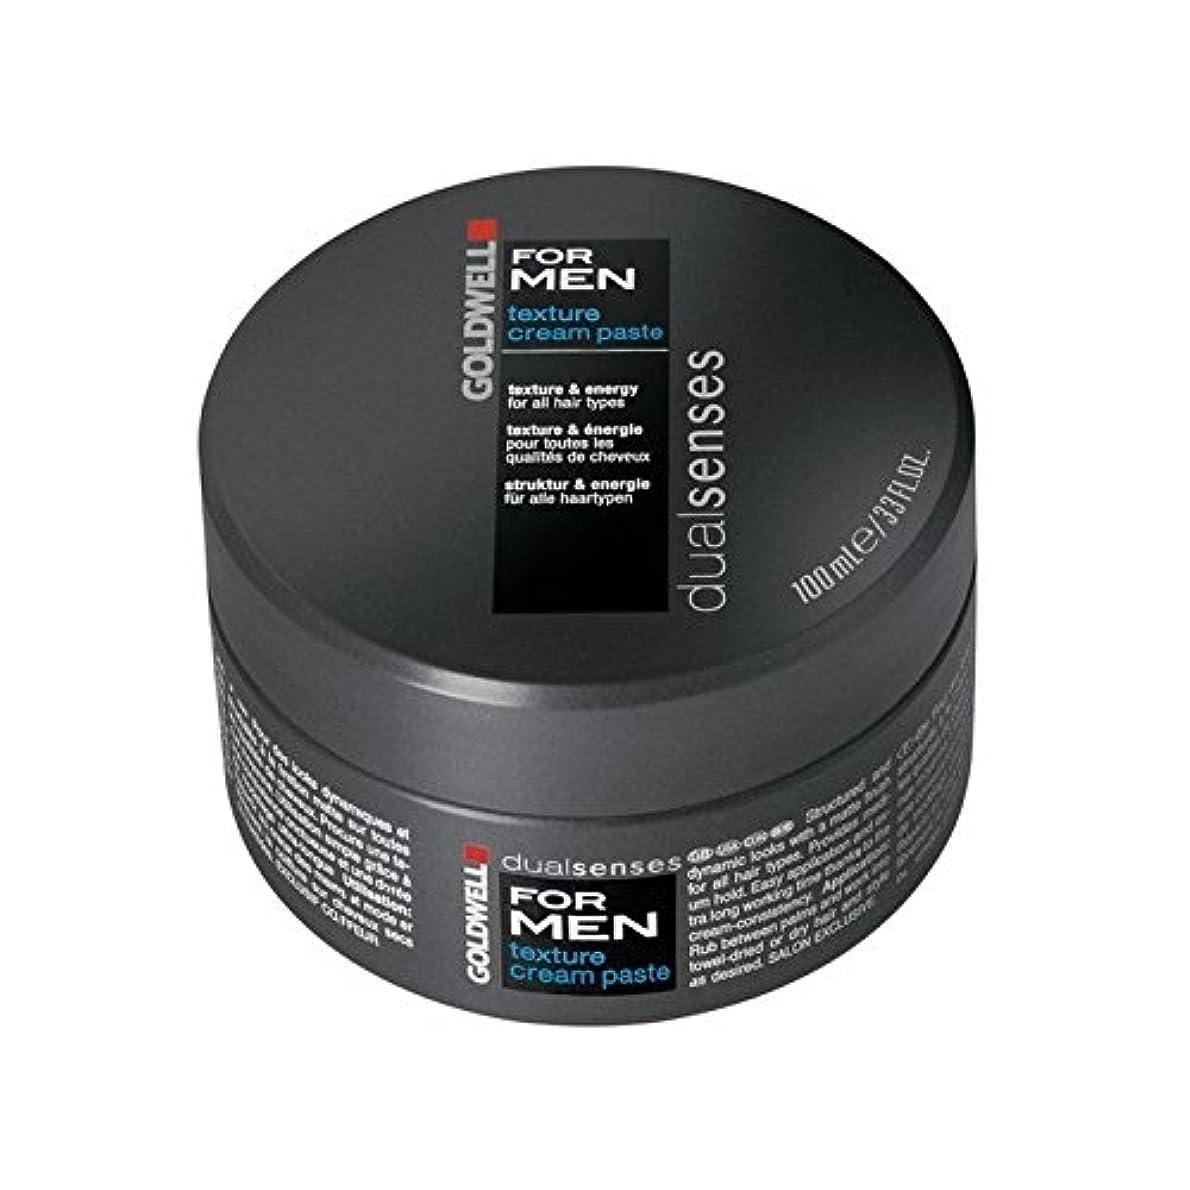 職人トピック相談男性のテクスチャーのクリームペースト(100ミリリットル)のためのの x4 - Goldwell Dualsenses For Men Texture Cream Paste (100ml) (Pack of 4) [並行輸入品]